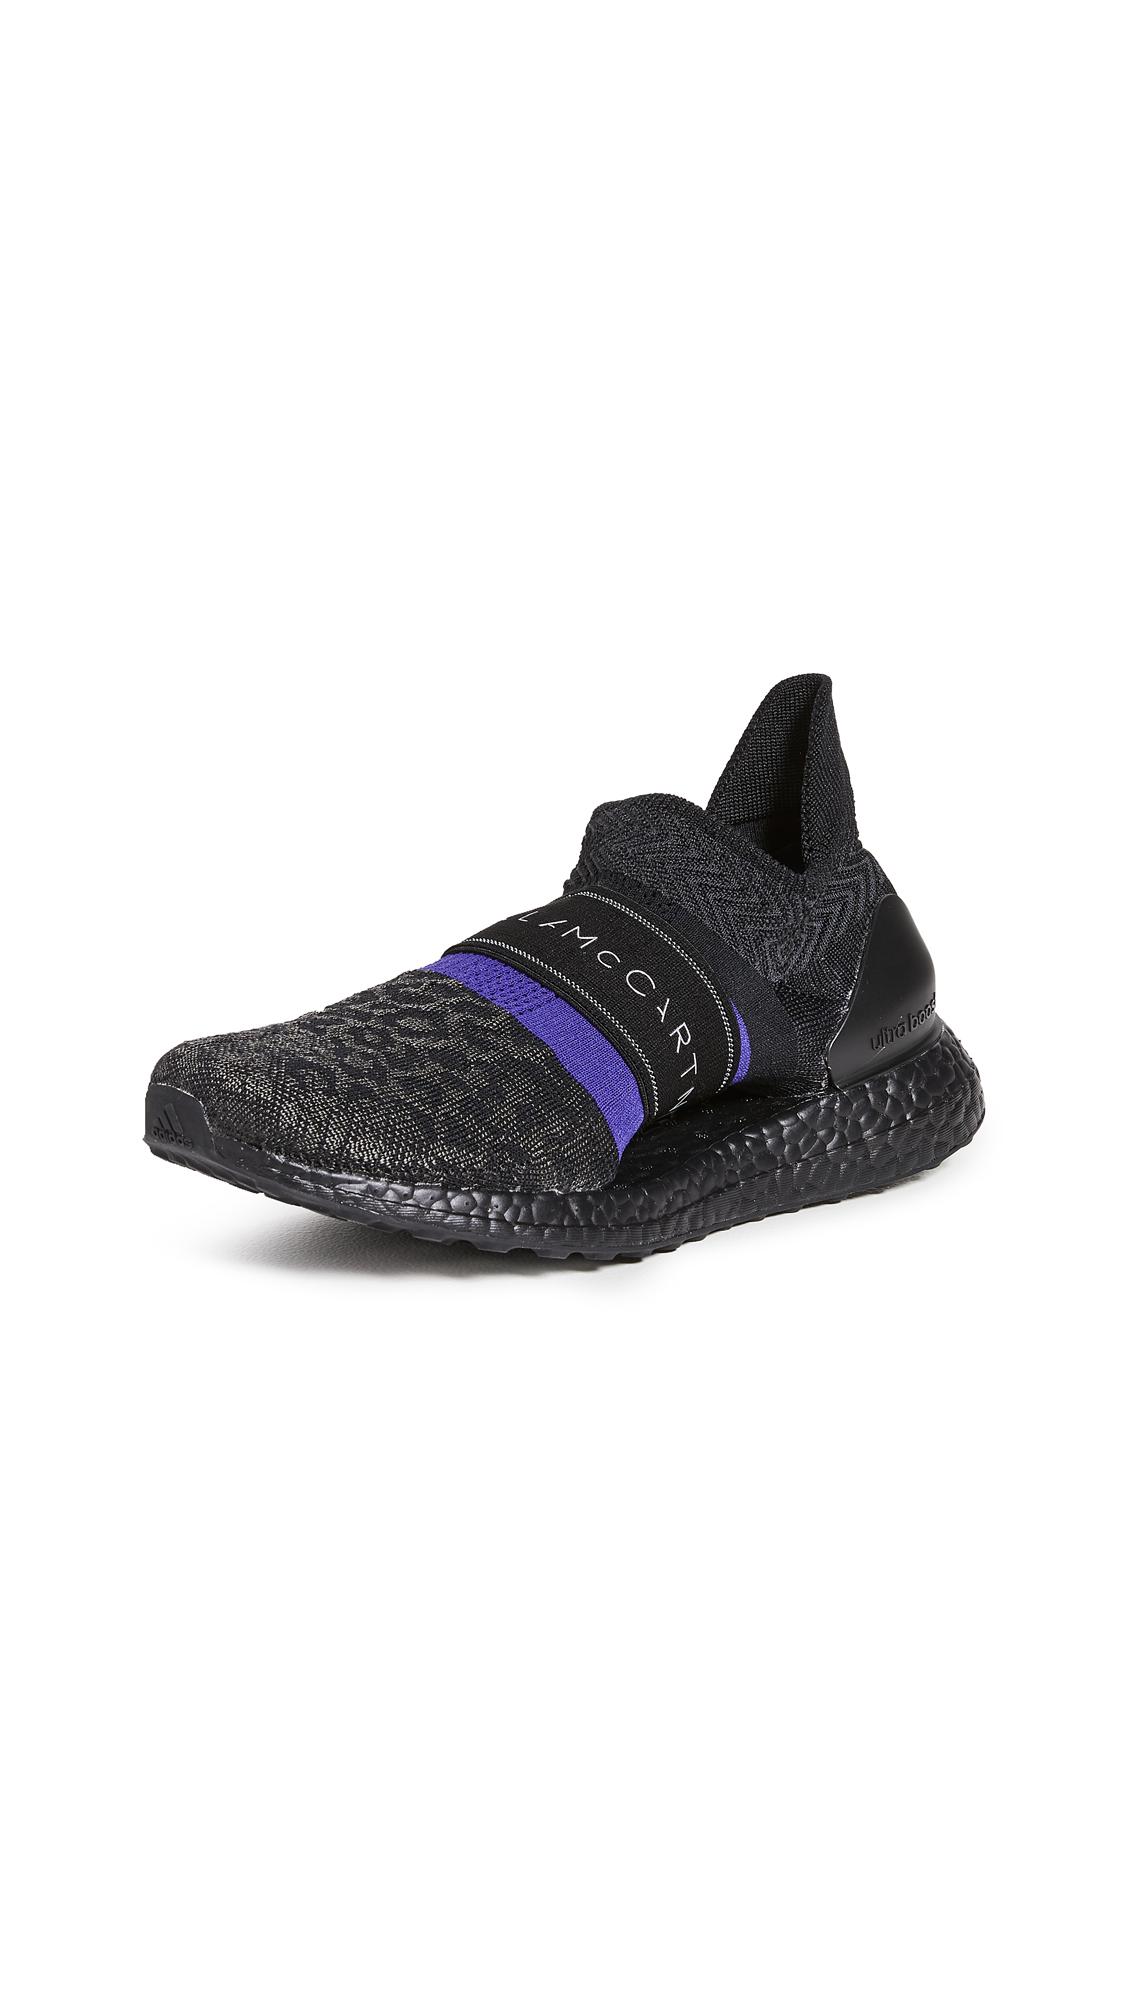 adidas by Stella McCartney Ultraboost X 3.D. Knit S. Sneakers